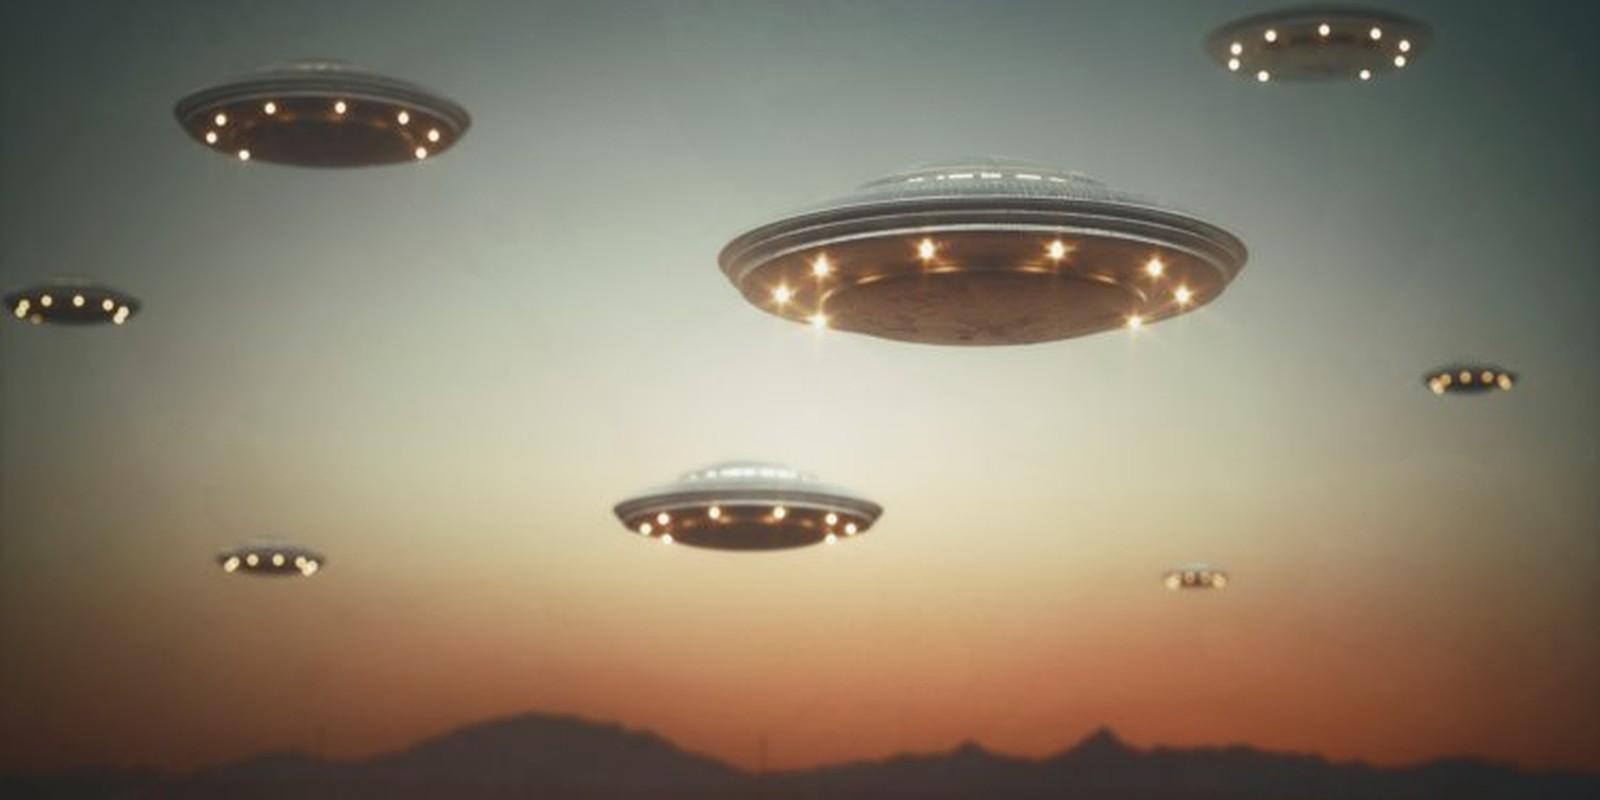 Kho giai vu UFO bat coc nguoi gay nao loan New York nam 1989